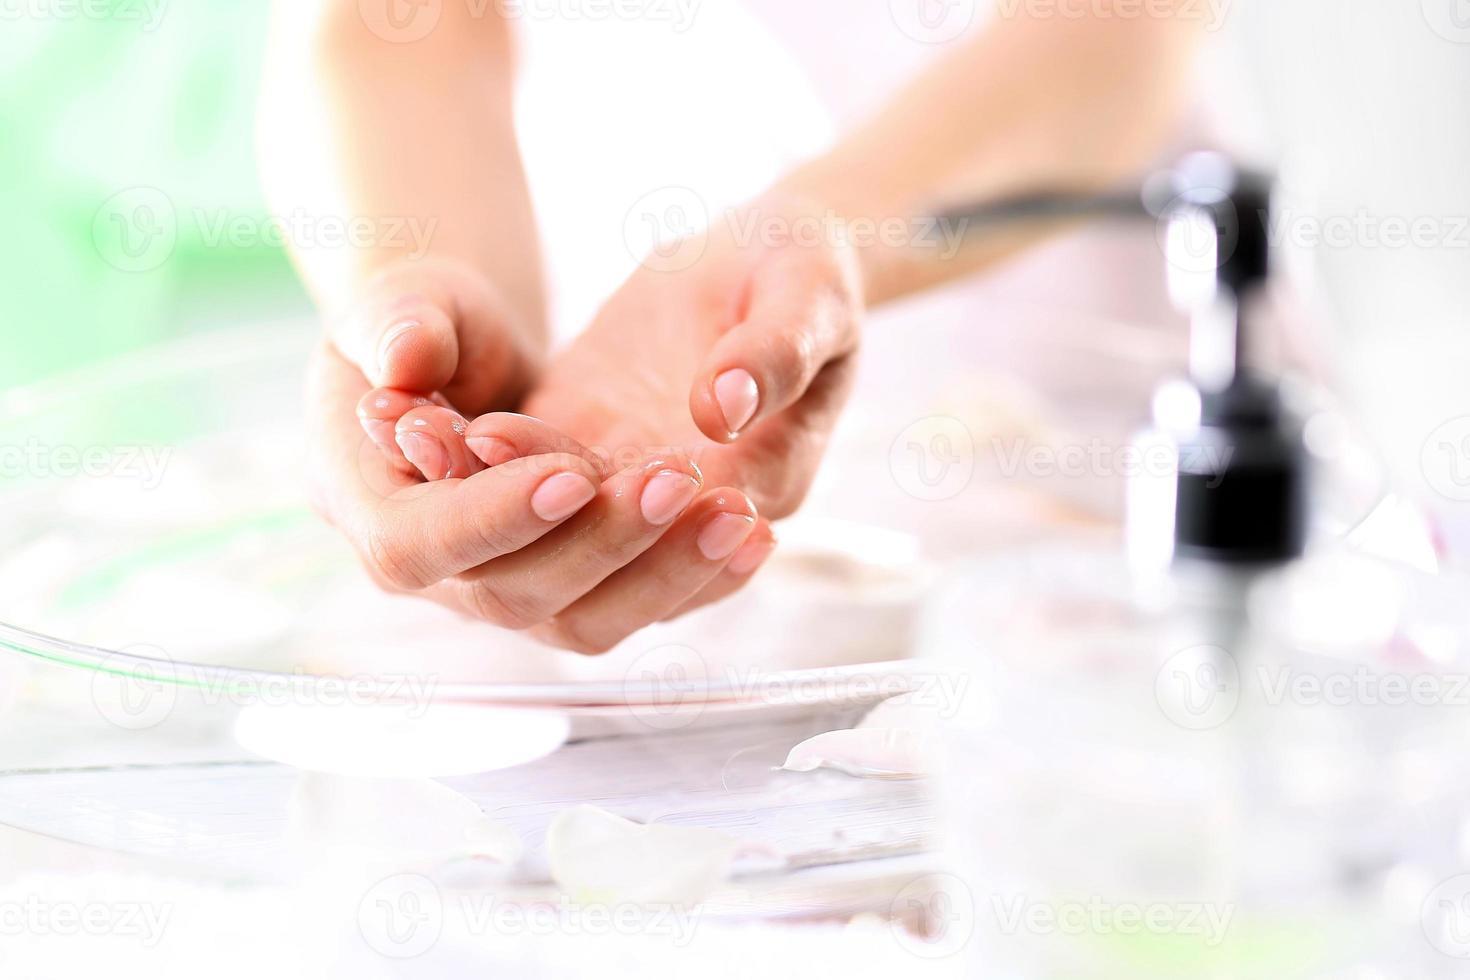 ricordati di lavarsi le mani foto